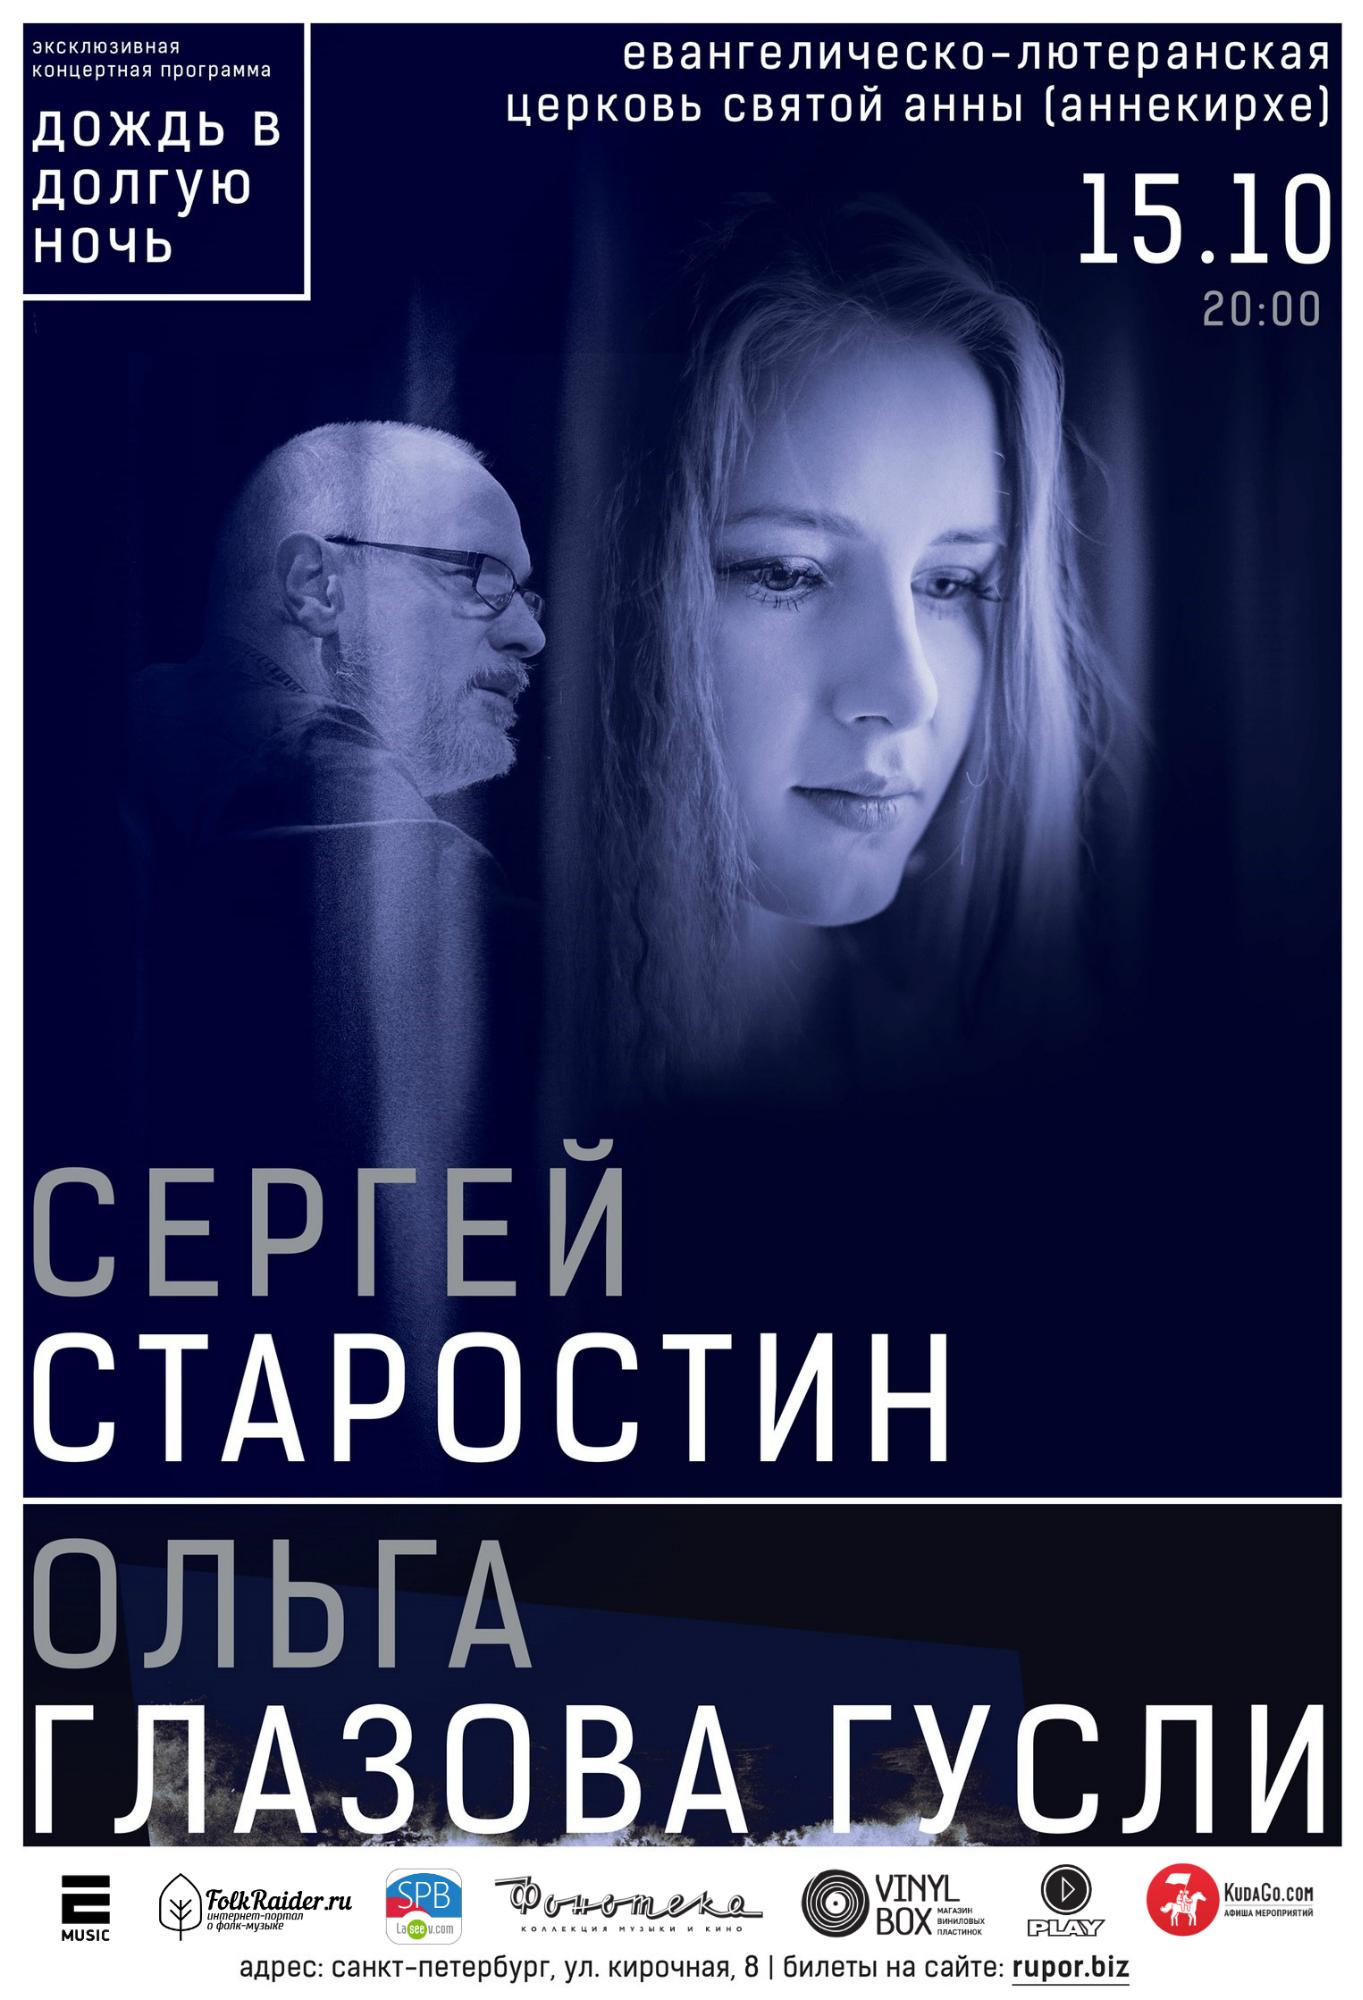 Сергей Старостин и Ольга Глазова @ Анненкирхе